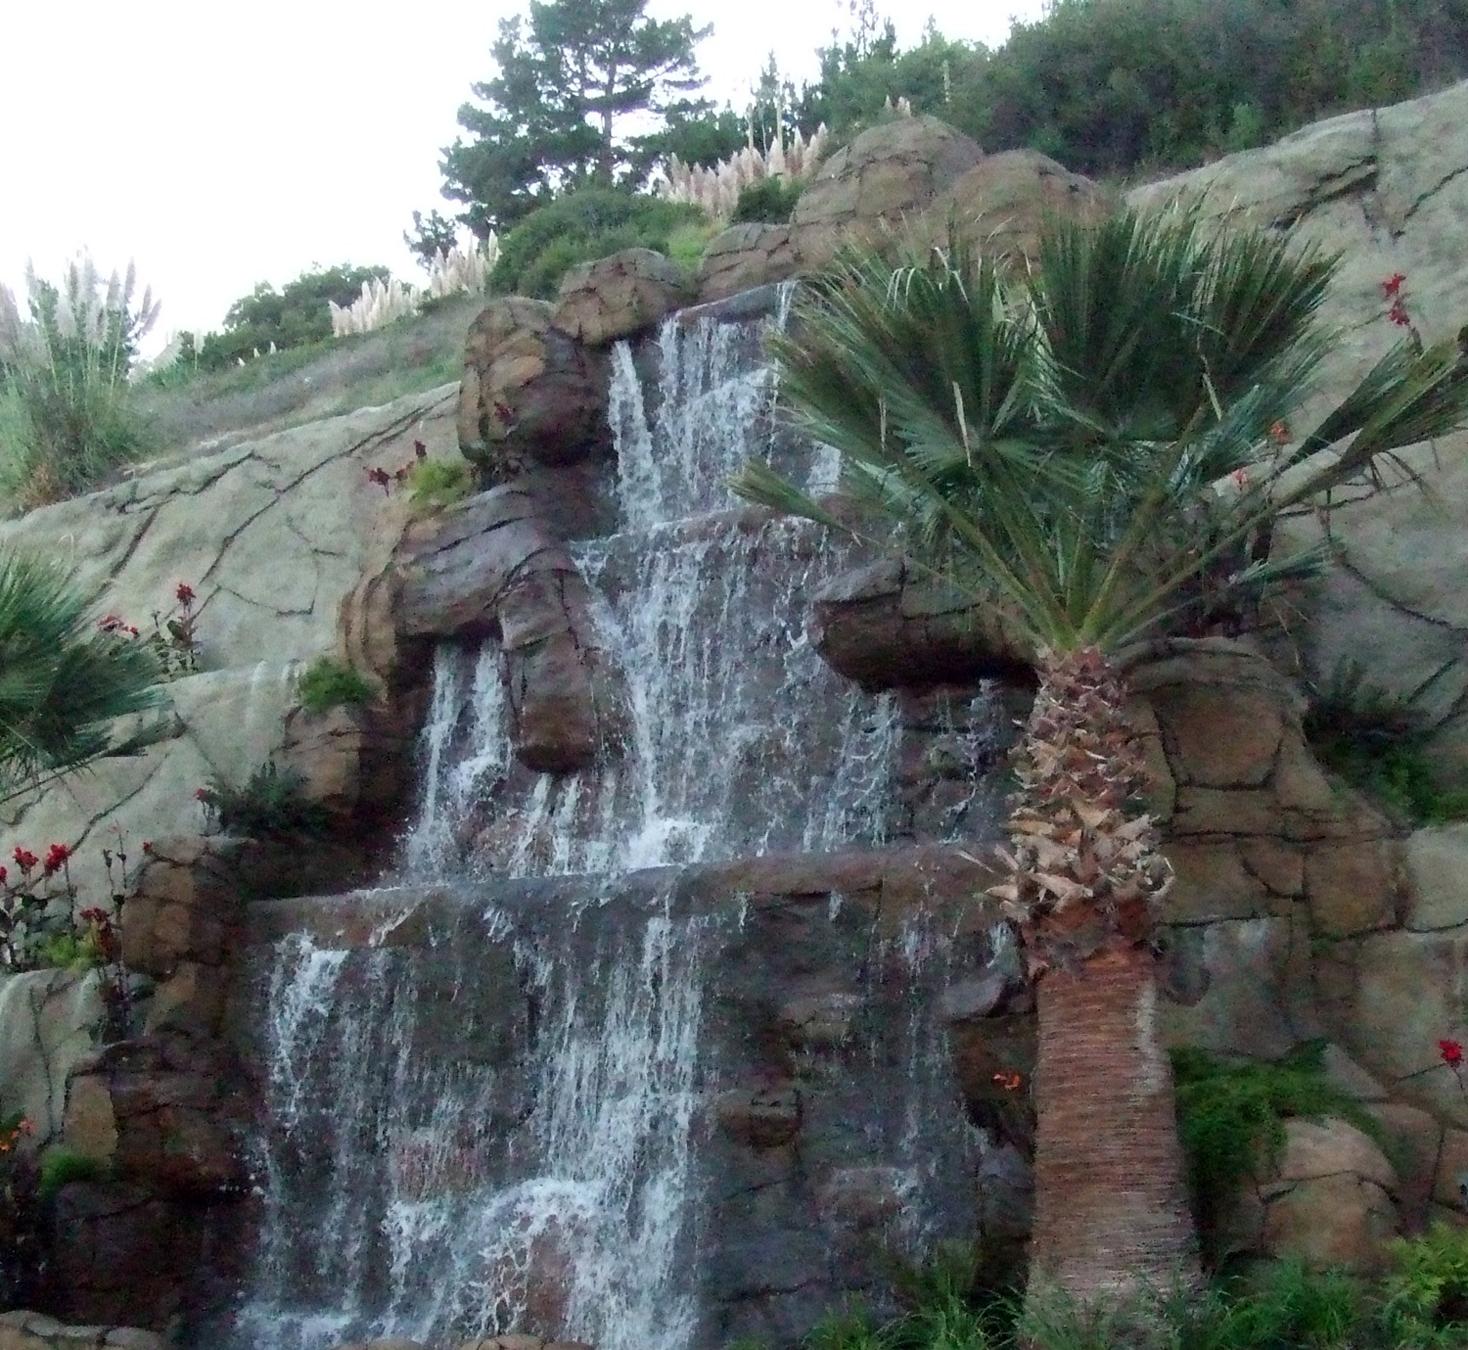 Marbella - Waterfall at entrance 1.jpg